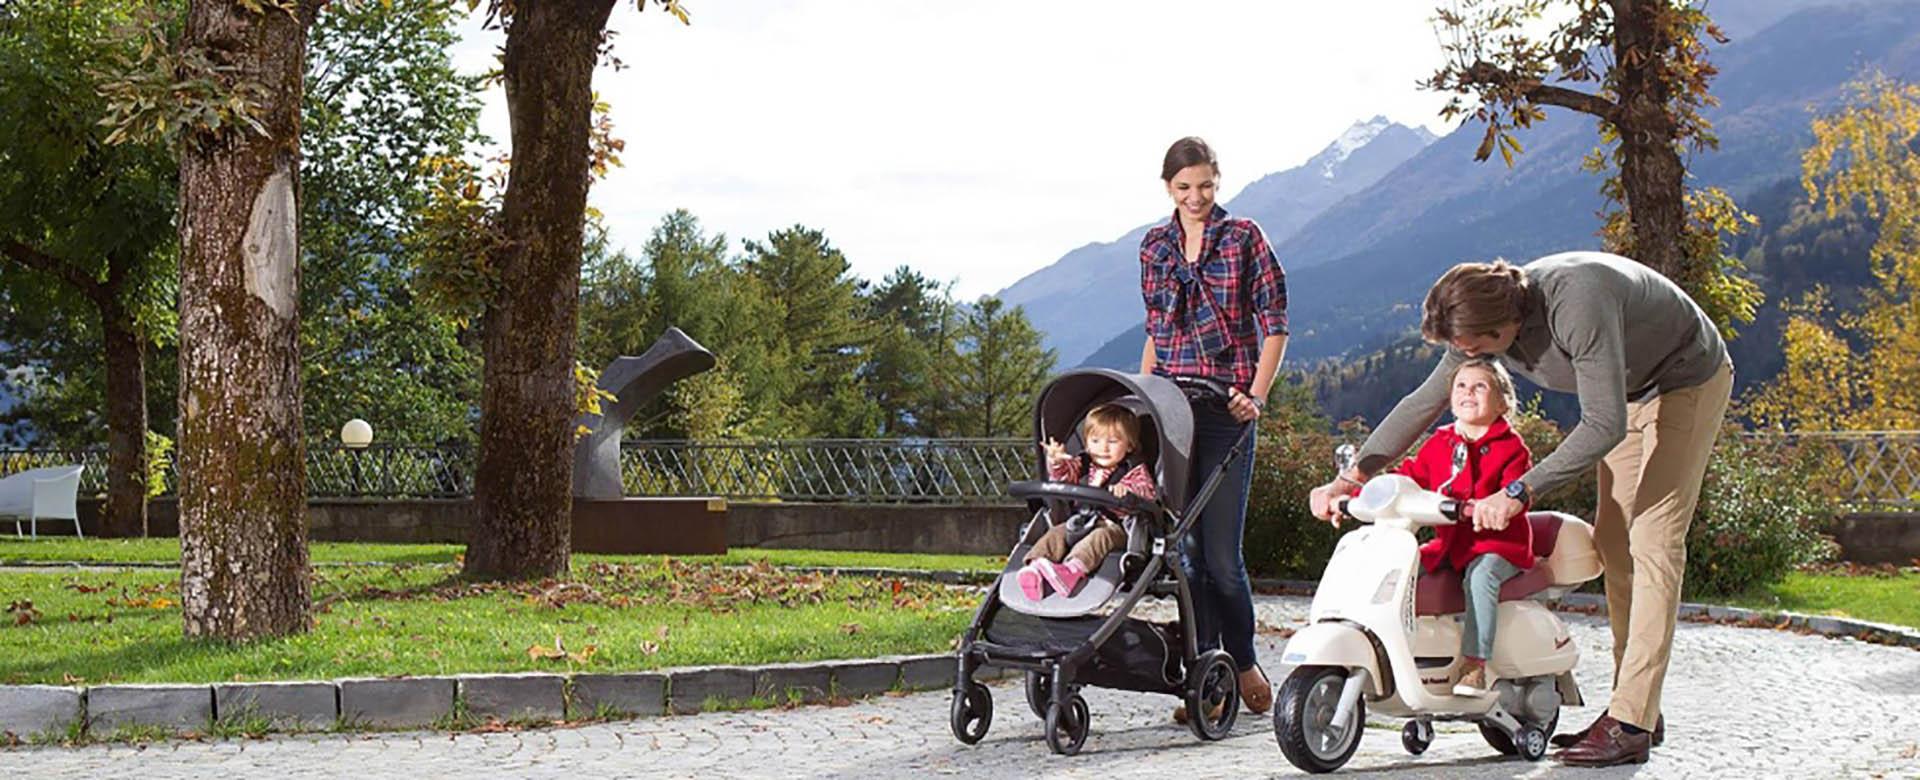 passeggio-famiglia